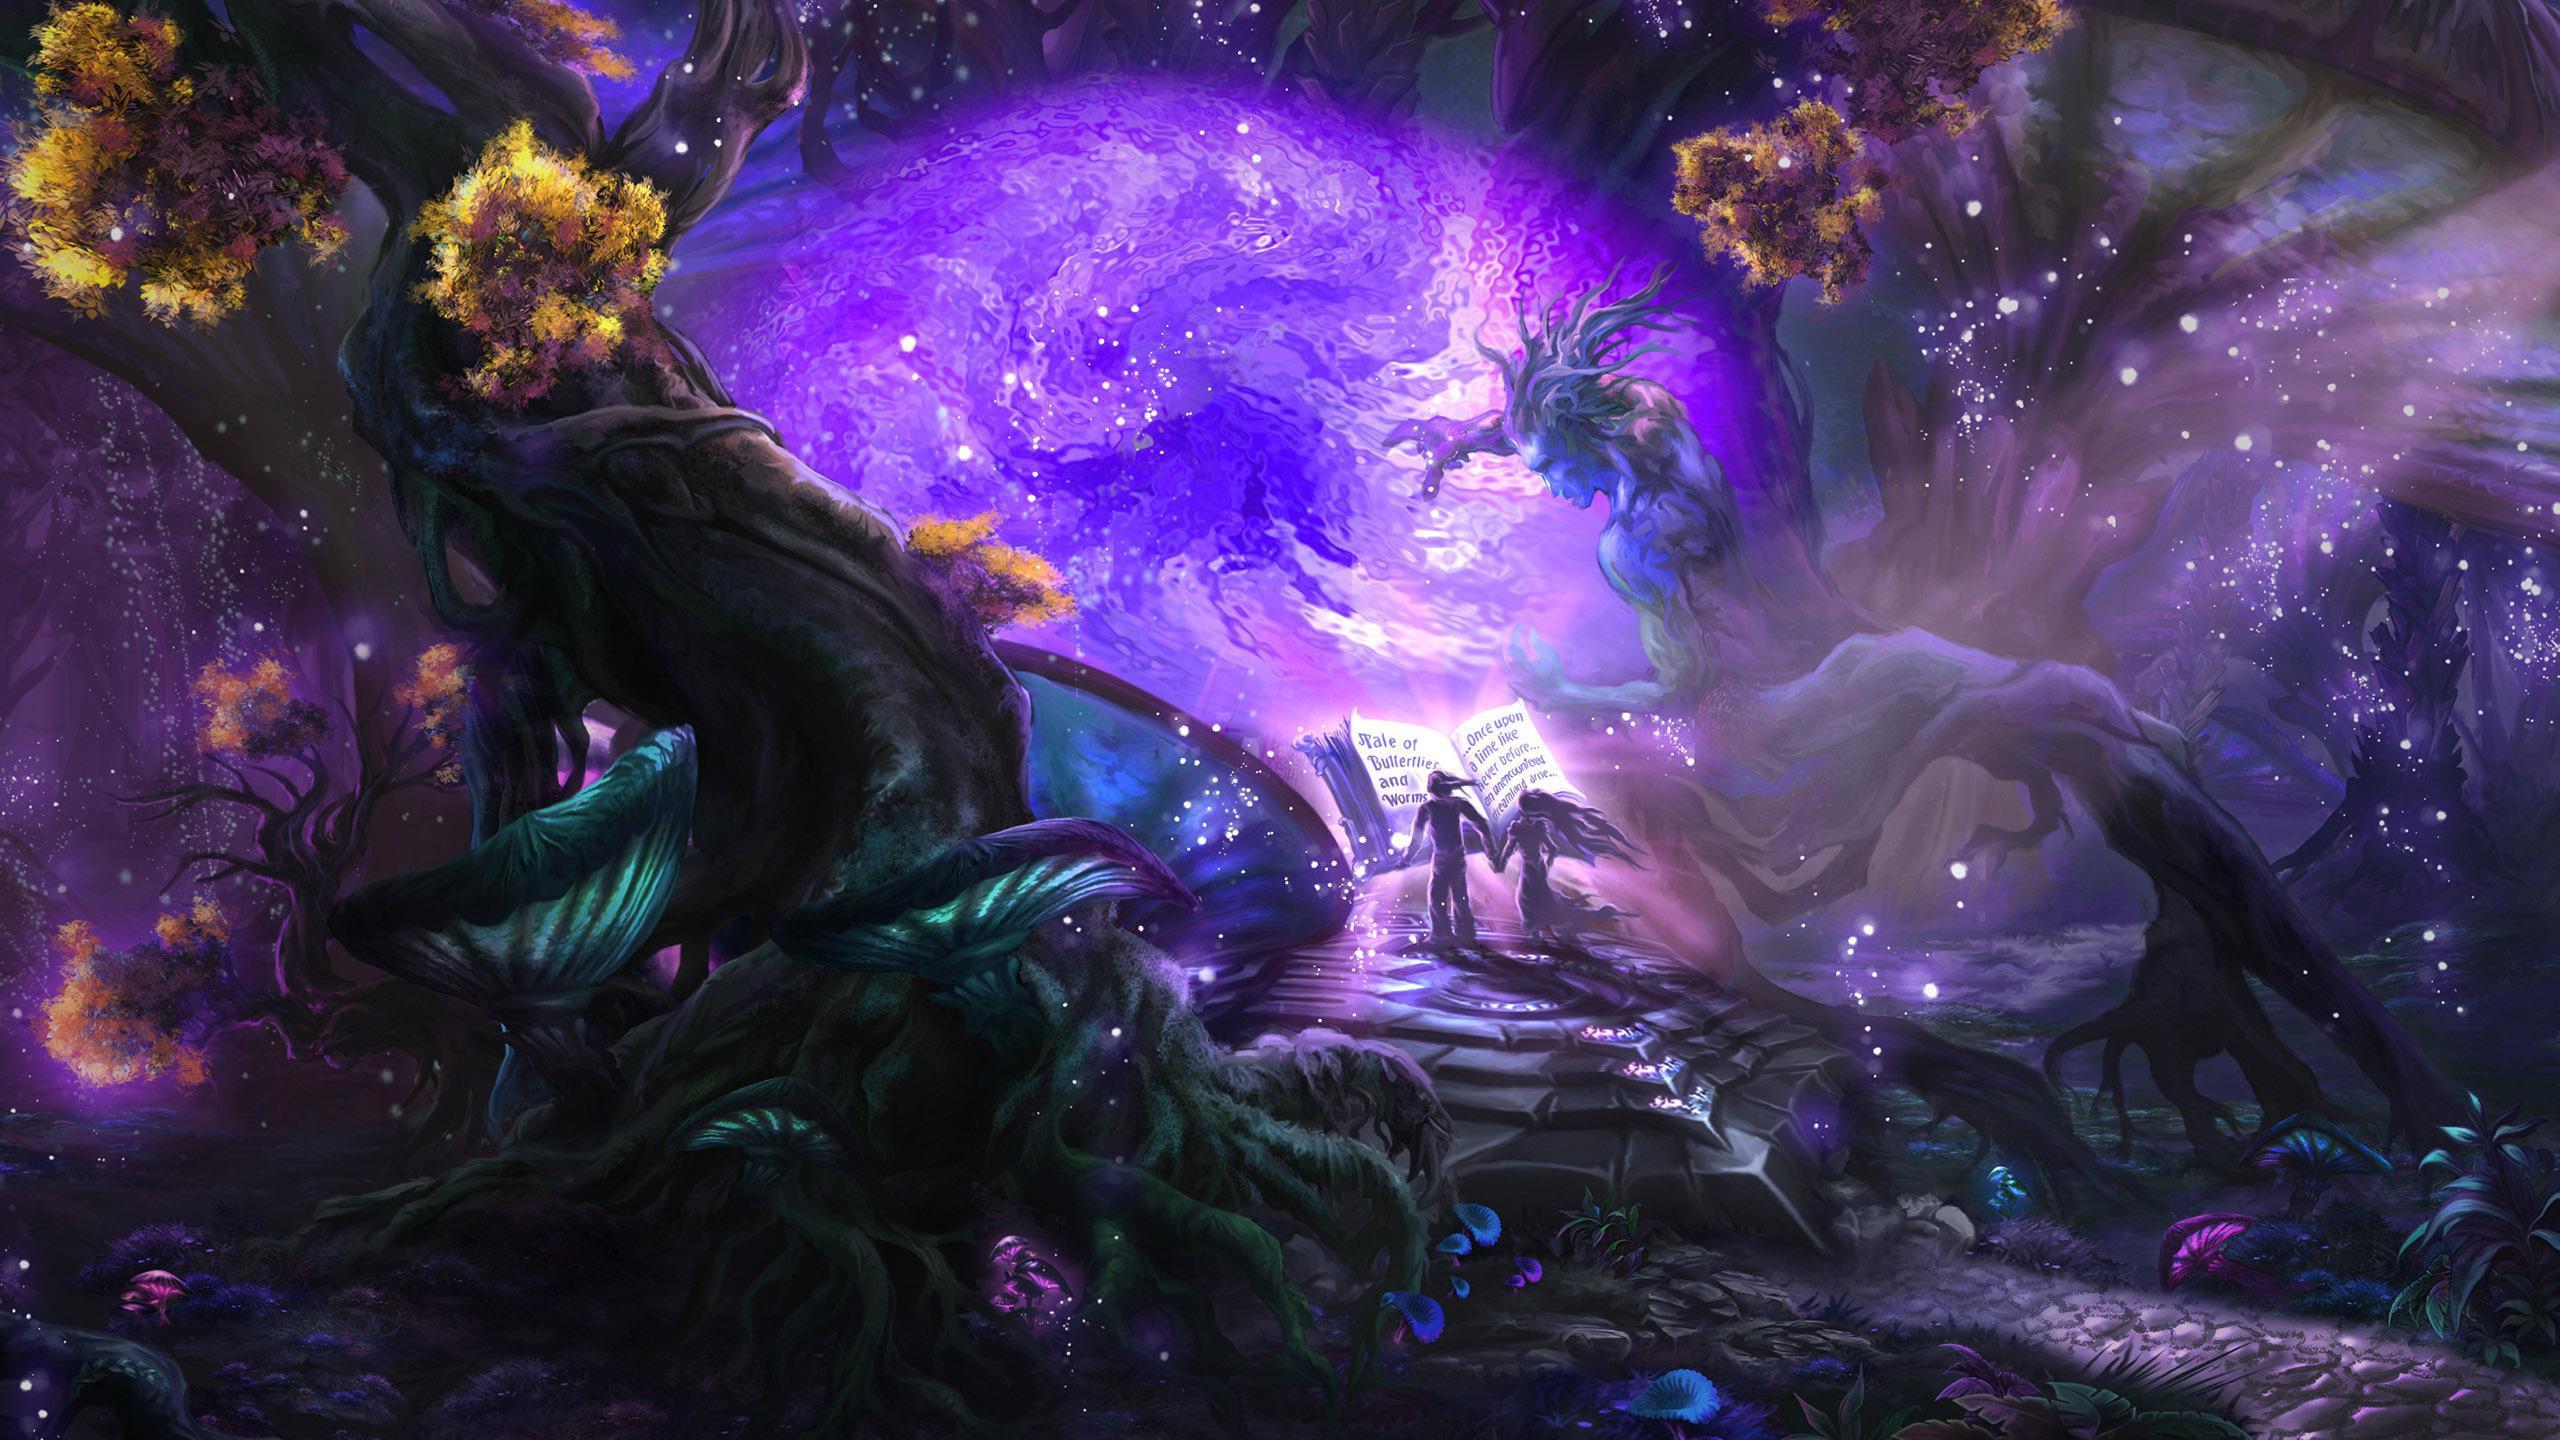 魔法の森の背景紫 3dマジック壁紙ダウンロード 48x1152 Wallpapertip